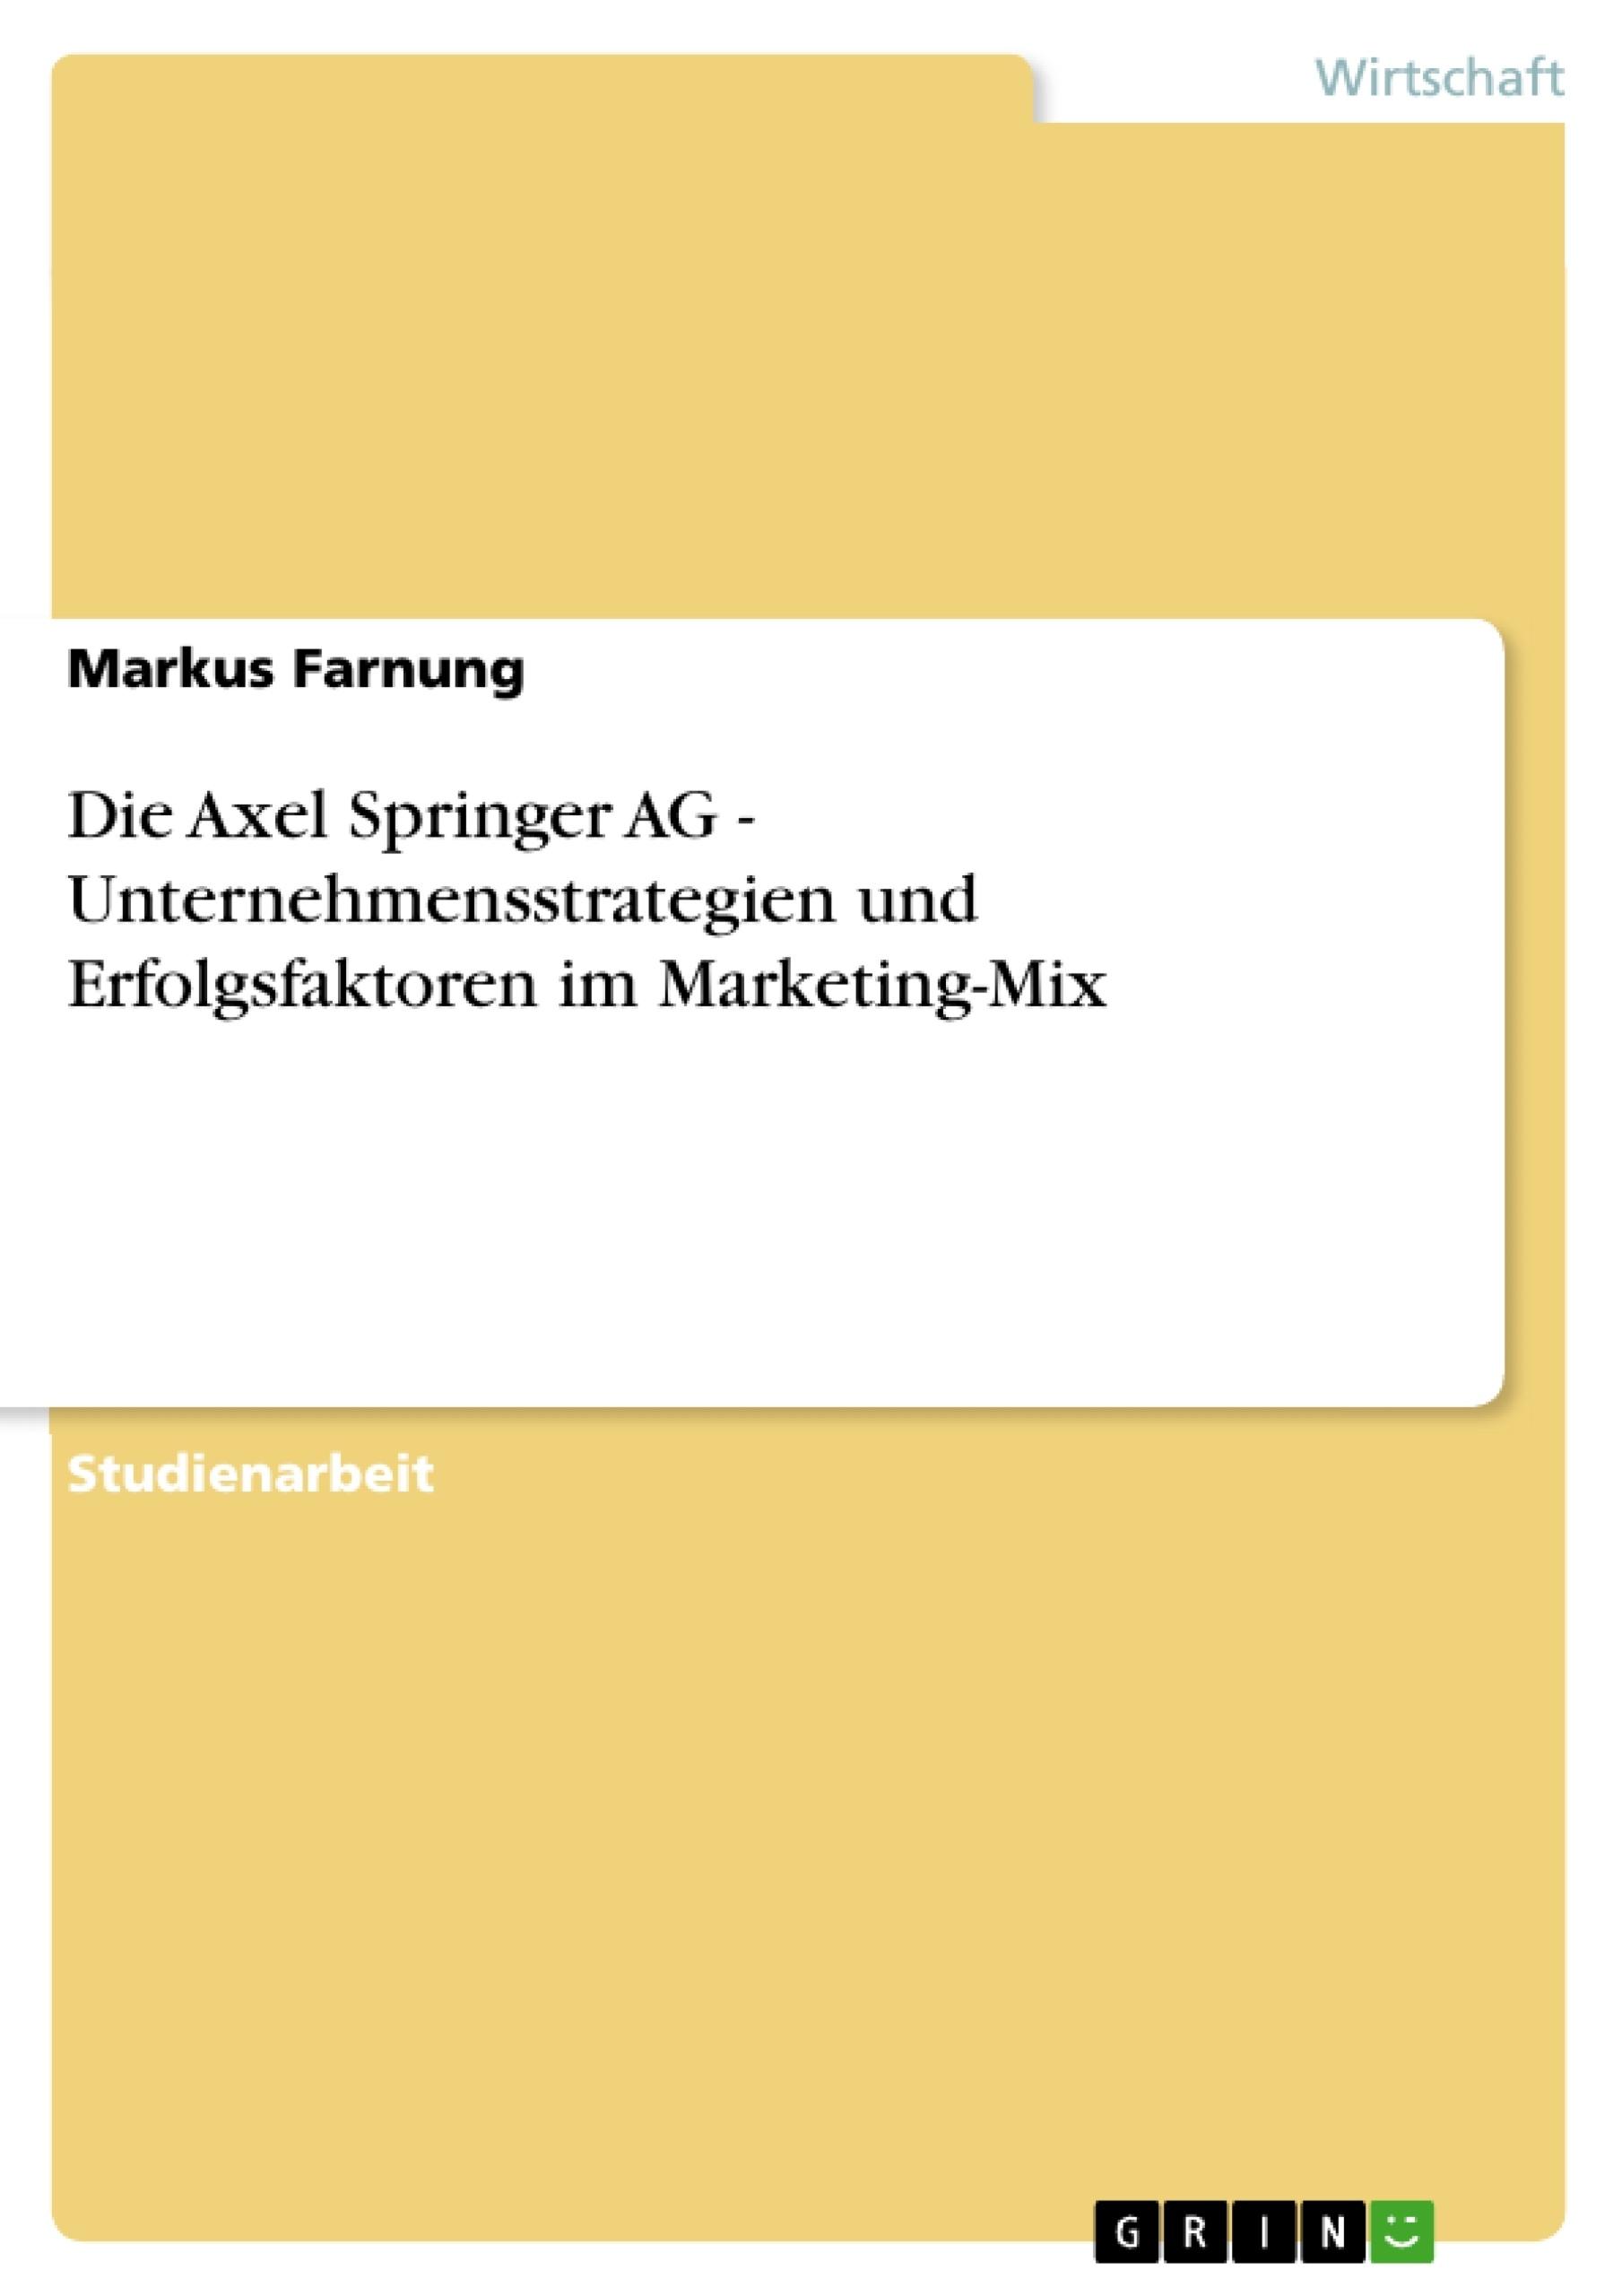 Titel: Die Axel Springer AG - Unternehmensstrategien und Erfolgsfaktoren im Marketing-Mix